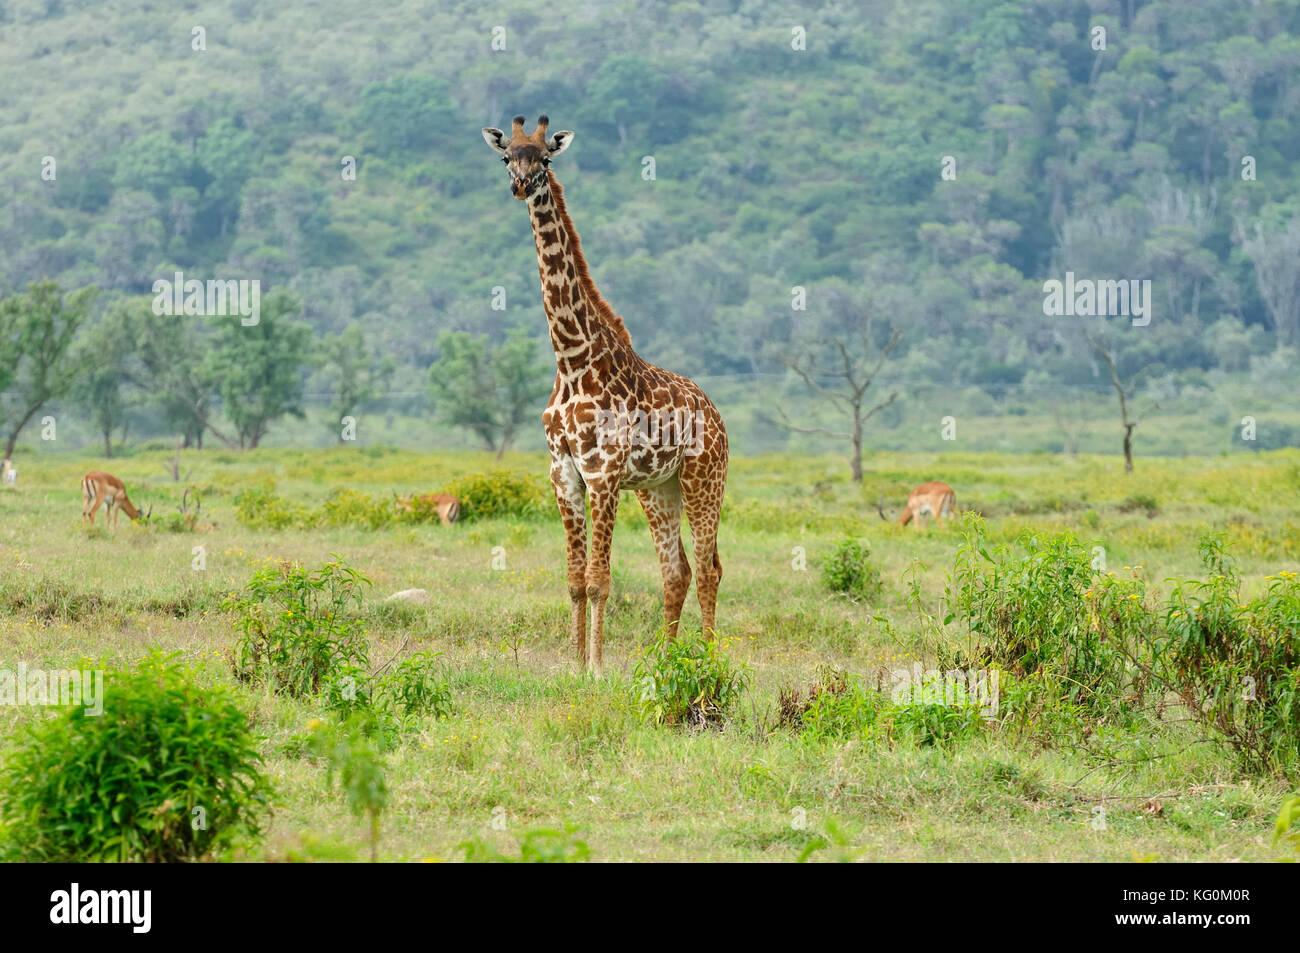 Giraffes Africa Eating